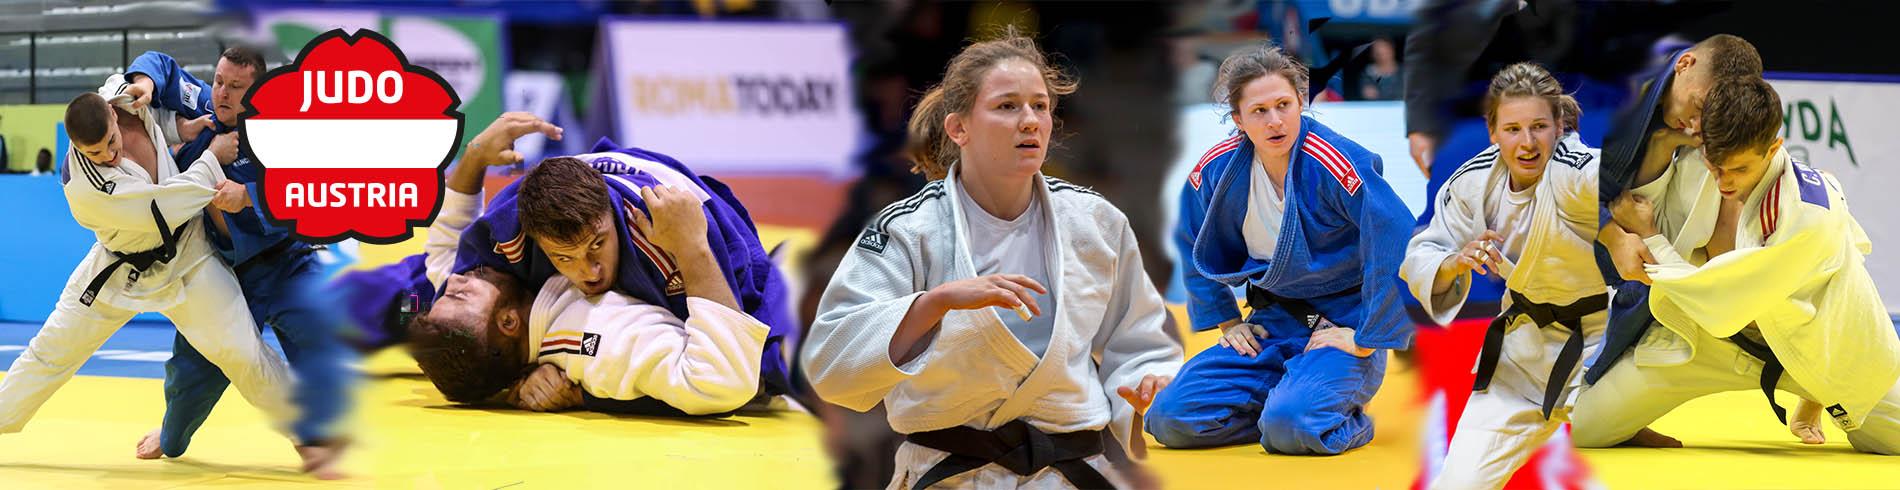 Österreichischer Judoverband cover image